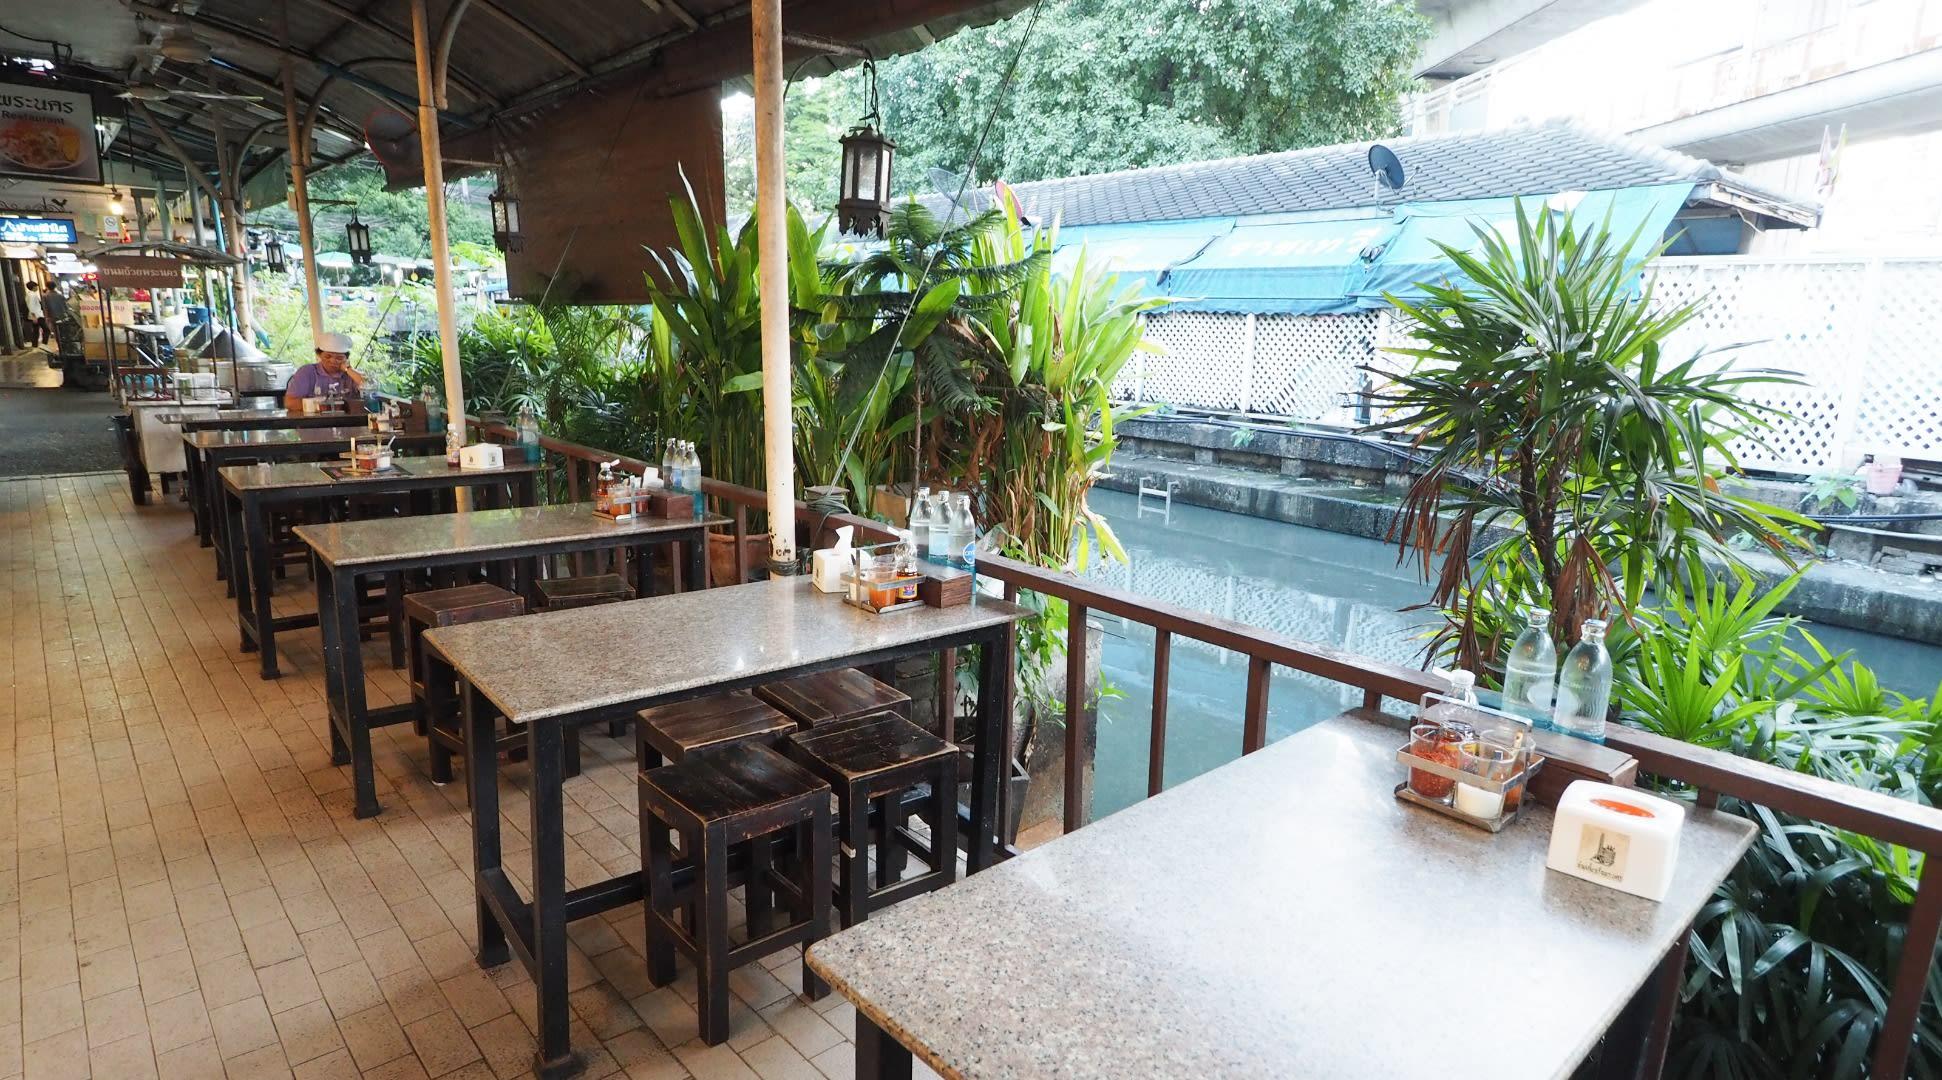 bangkok-BTS-guide-pranakorn-boat-noodles